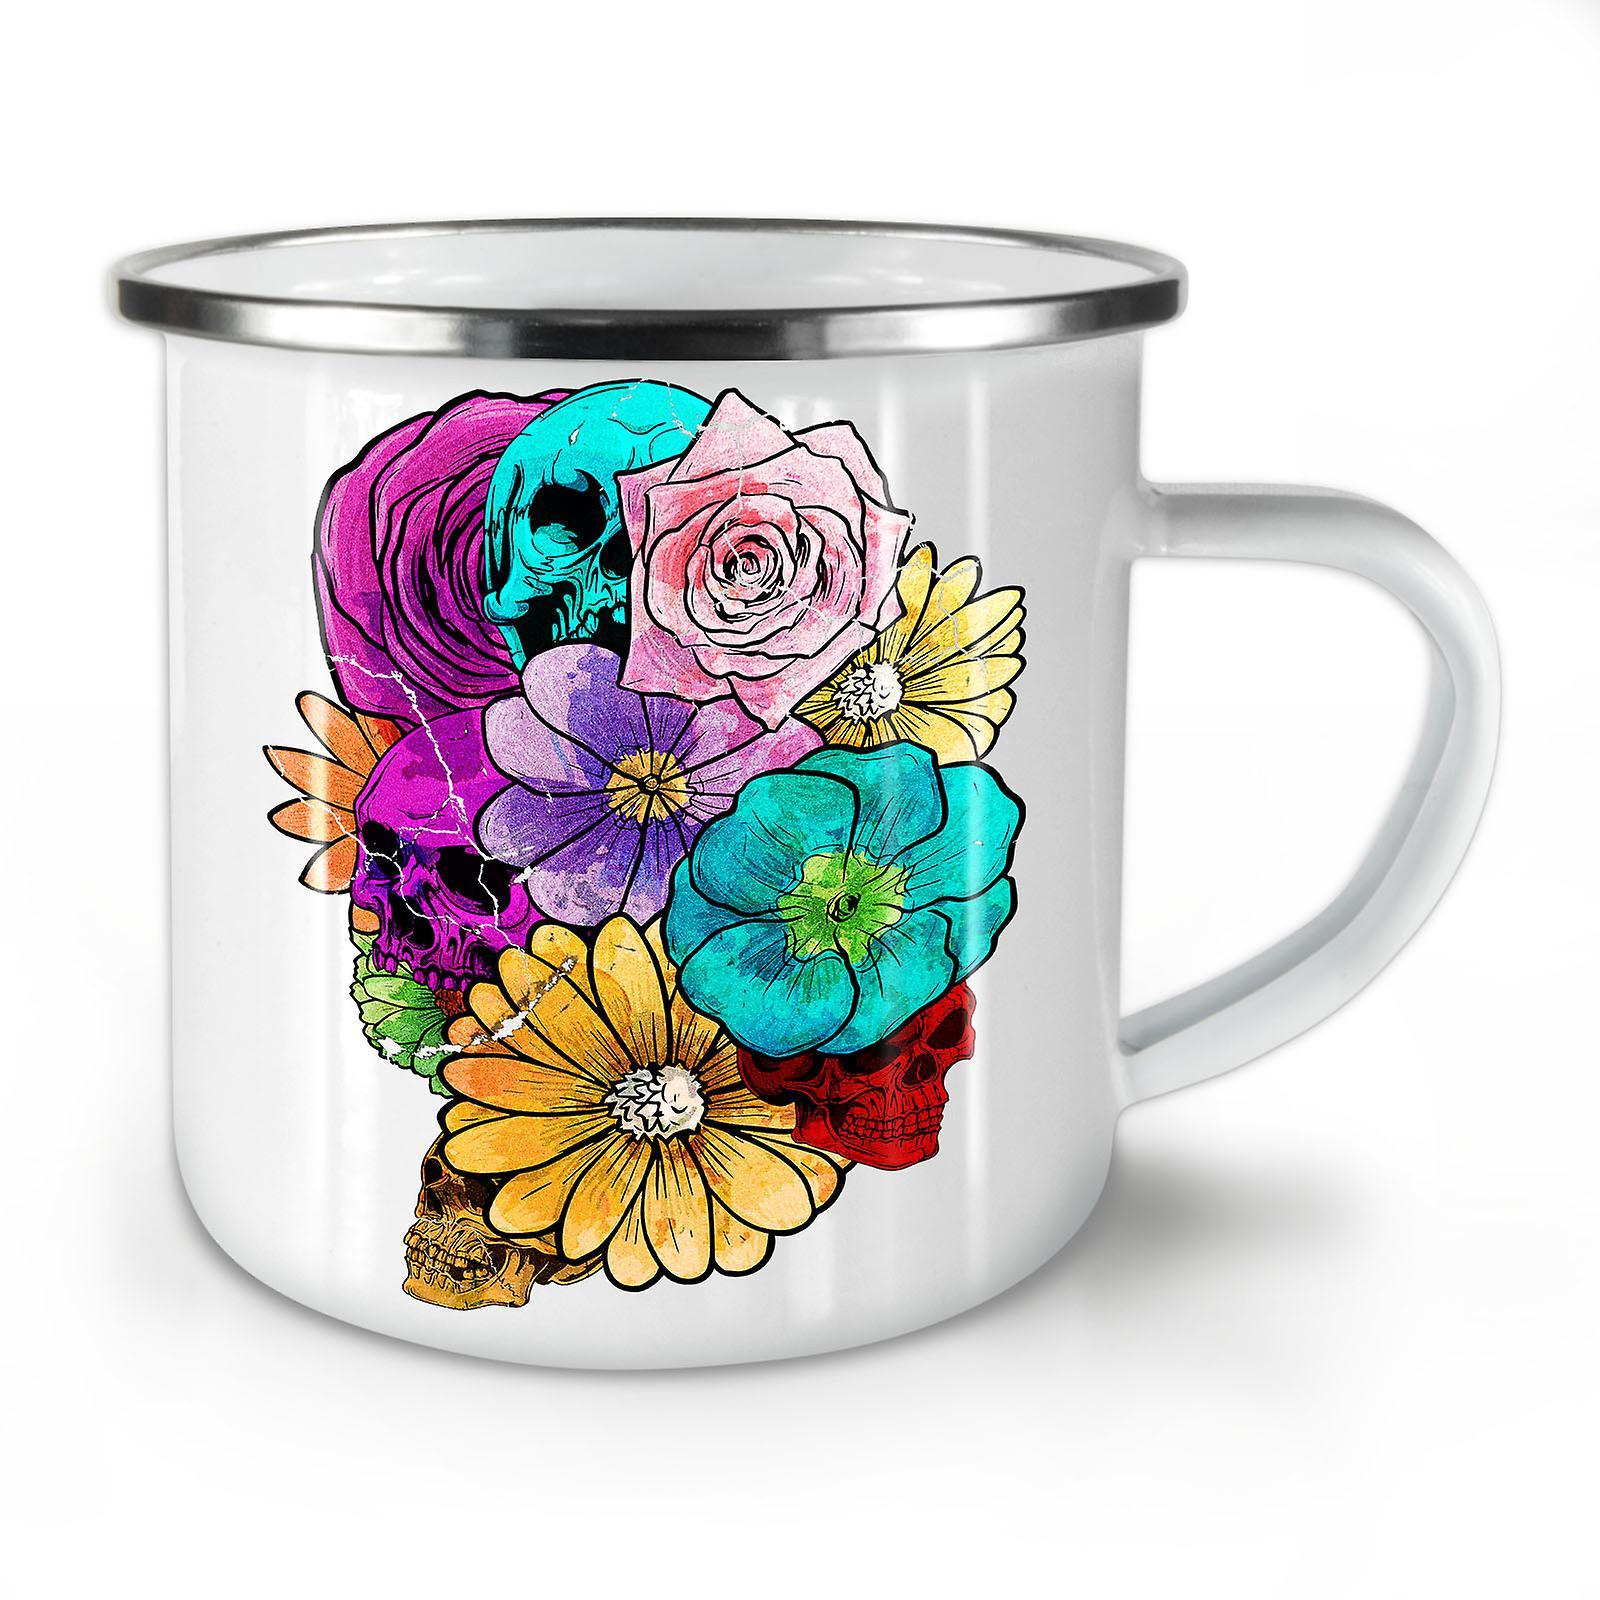 Rock Mug10 Death Enamel Flower Whitetea OzWellcoda New Coffee c5Rq3A4jL